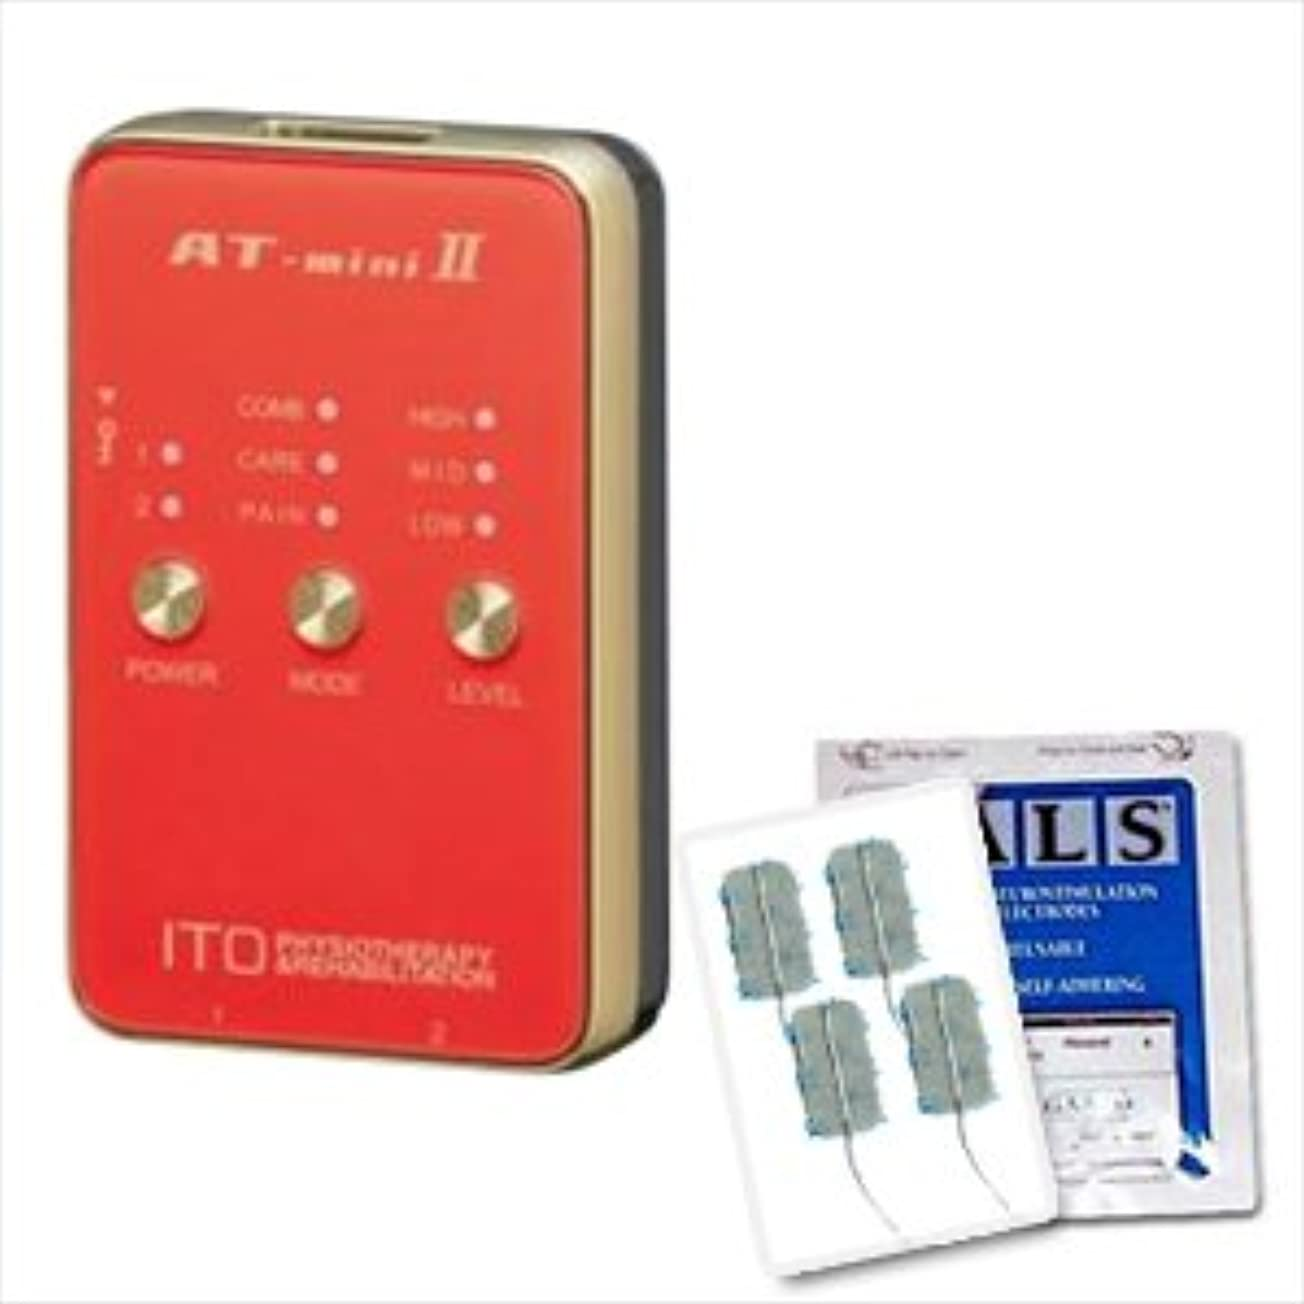 パスポートサンダル受信機低周波治療器 AT-mini II オレンジ +アクセルガードLサイズ(5x9cm:1袋4枚入)セット